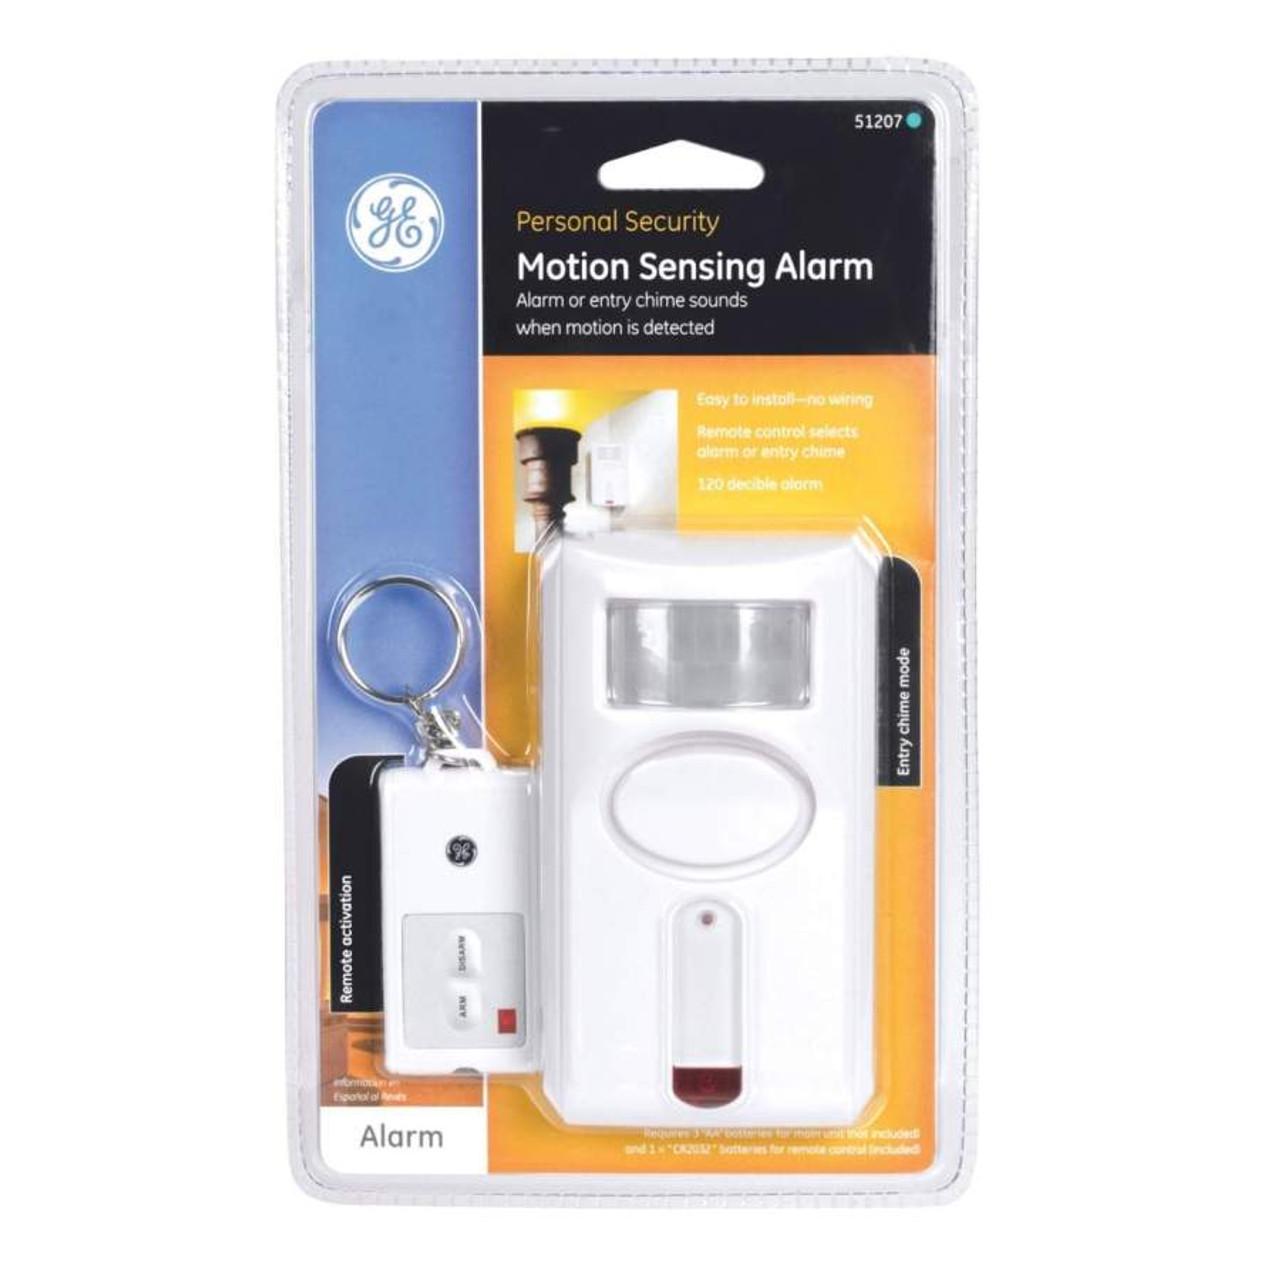 120dB Motion Sensing Home Alarm